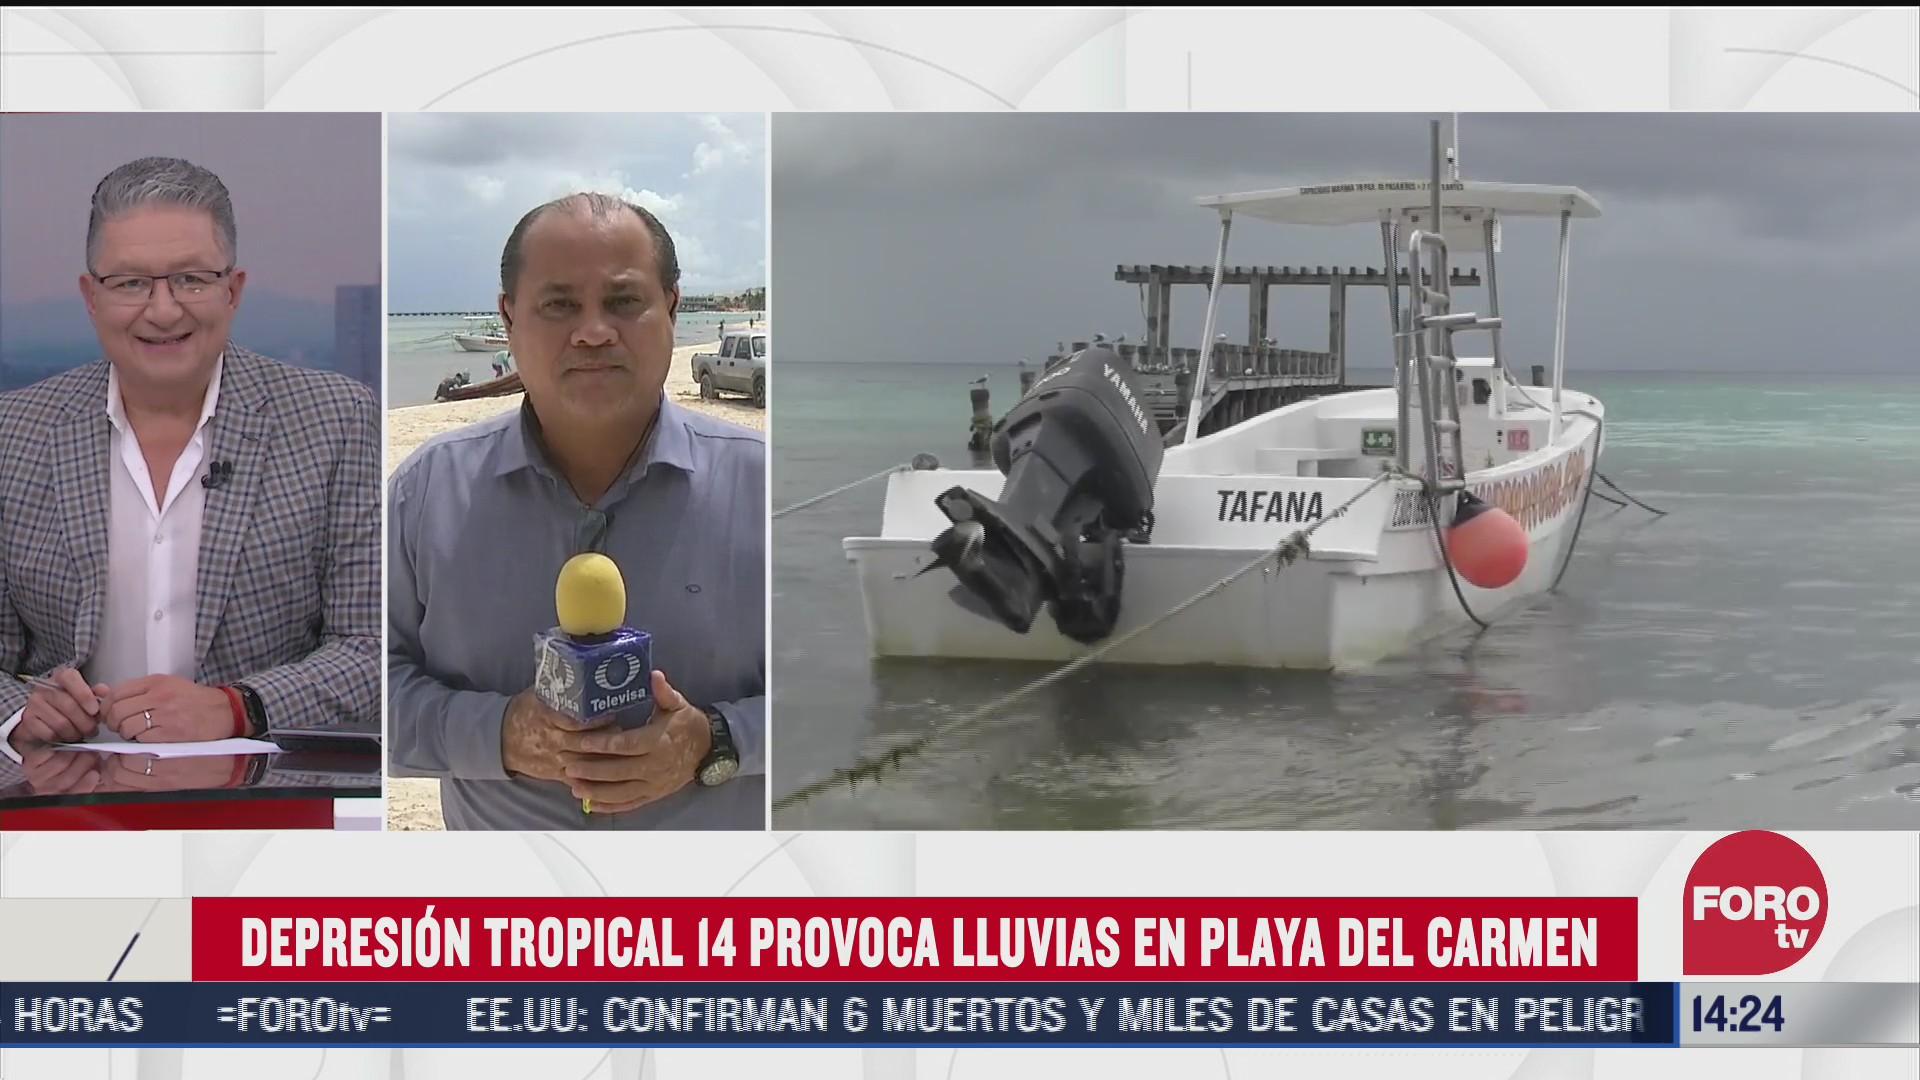 depresion tropical 14 provoca afectaciones en playa del carmen quintana roo